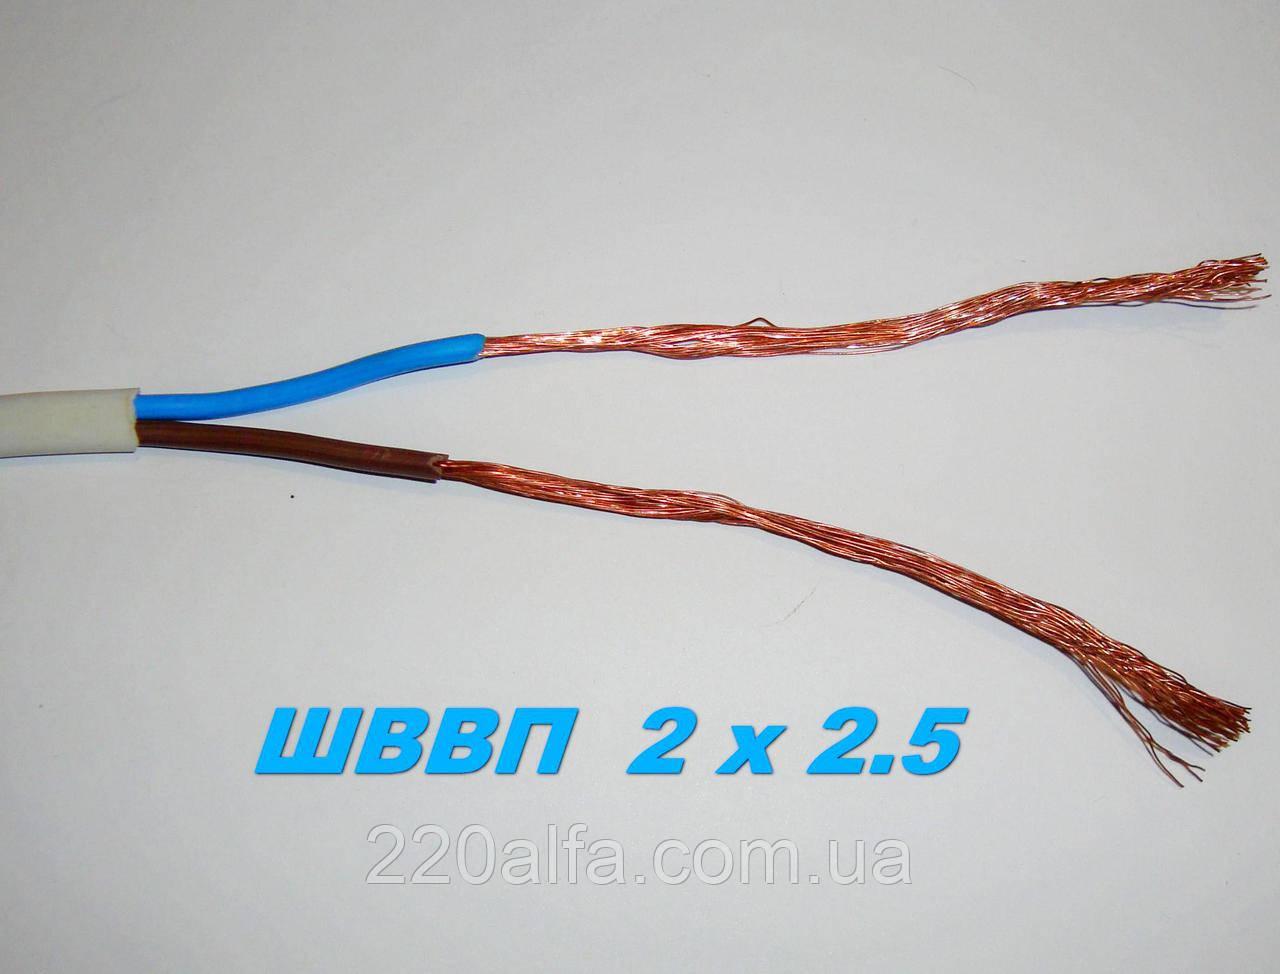 Силовой провод медный кабель ШВВП 2х 2.5 сечение нагрузка 5 кВт.